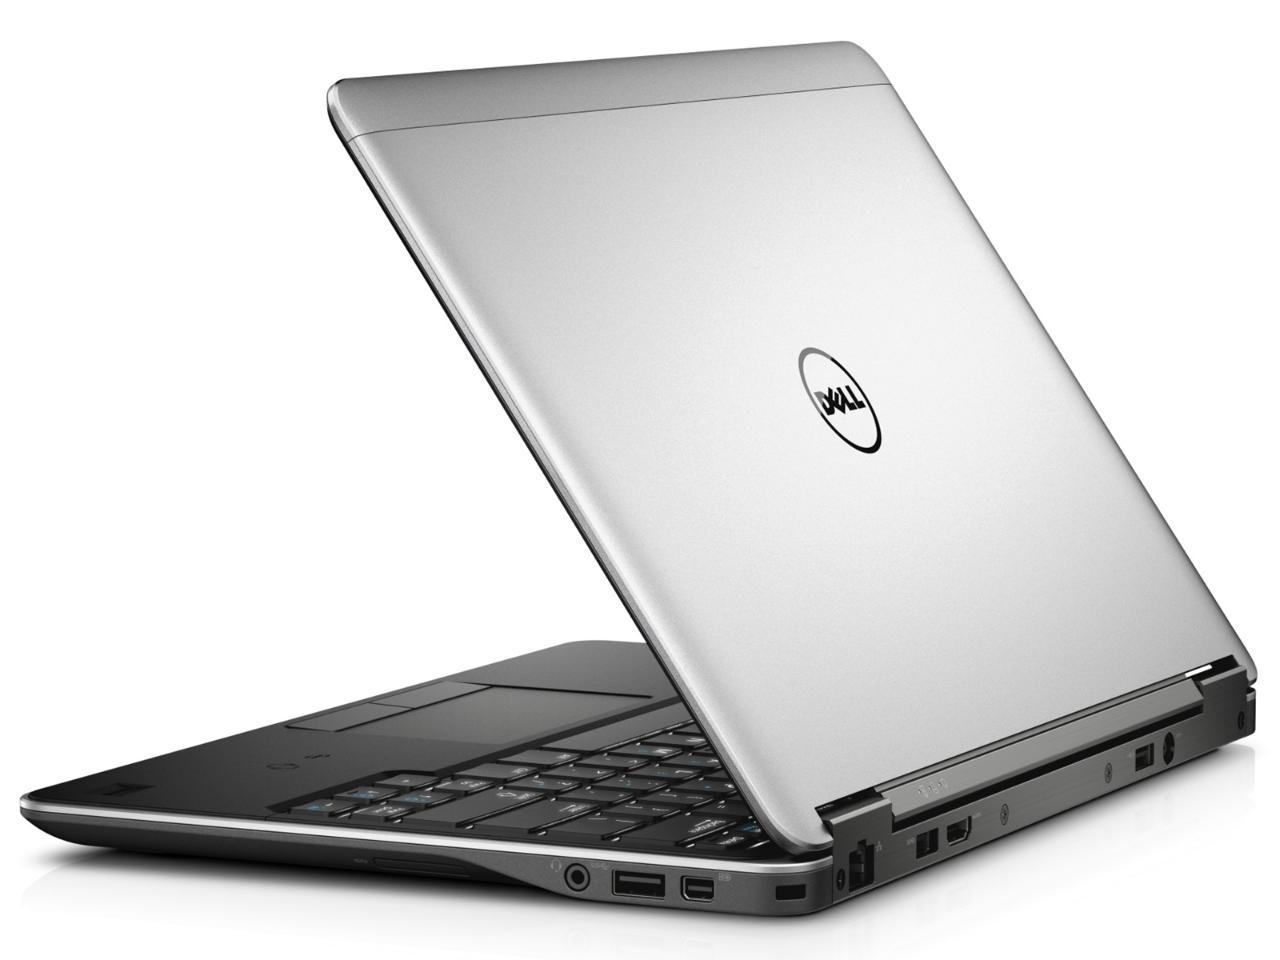 Hình ảnh Laptop Dell Latitude E7240 Core i5 4300u/ Ram 4Gb/ SSD 128Gb/ 12.5 inch - Hàng nhập khẩu